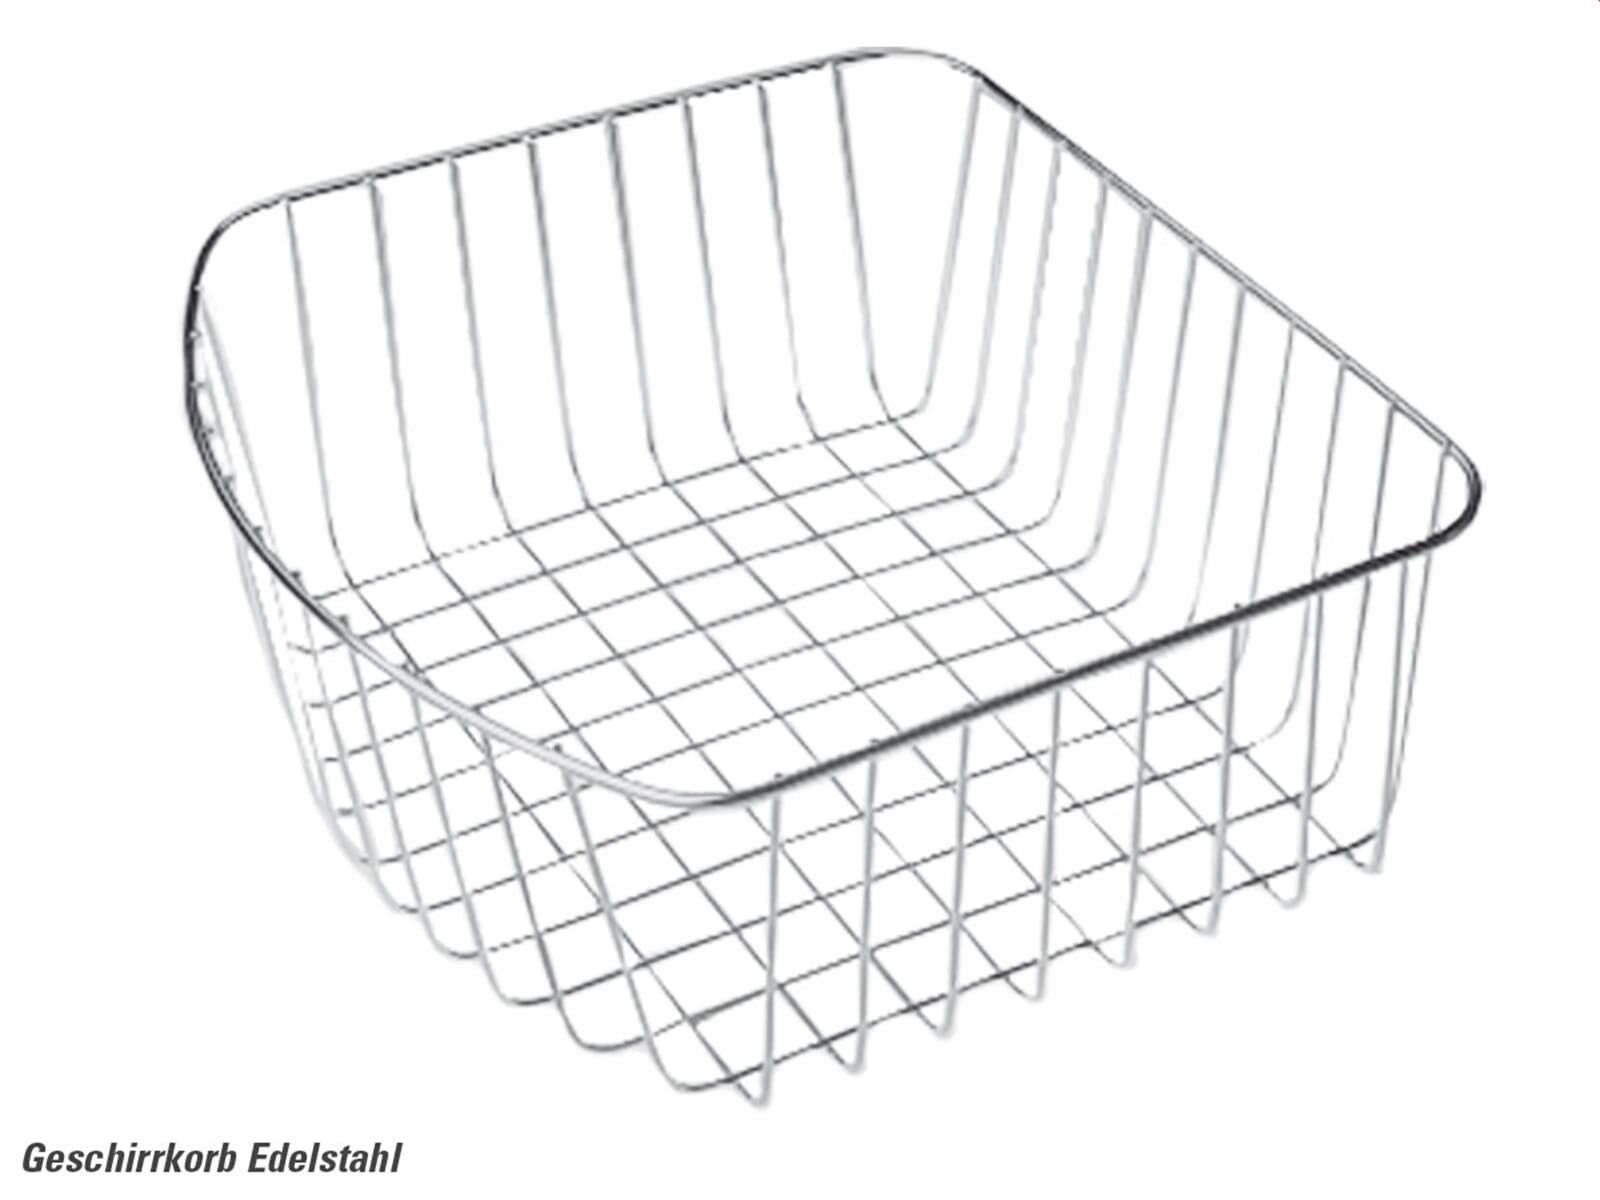 Produktabbildung Geschirrkorb Edelstahl 0806